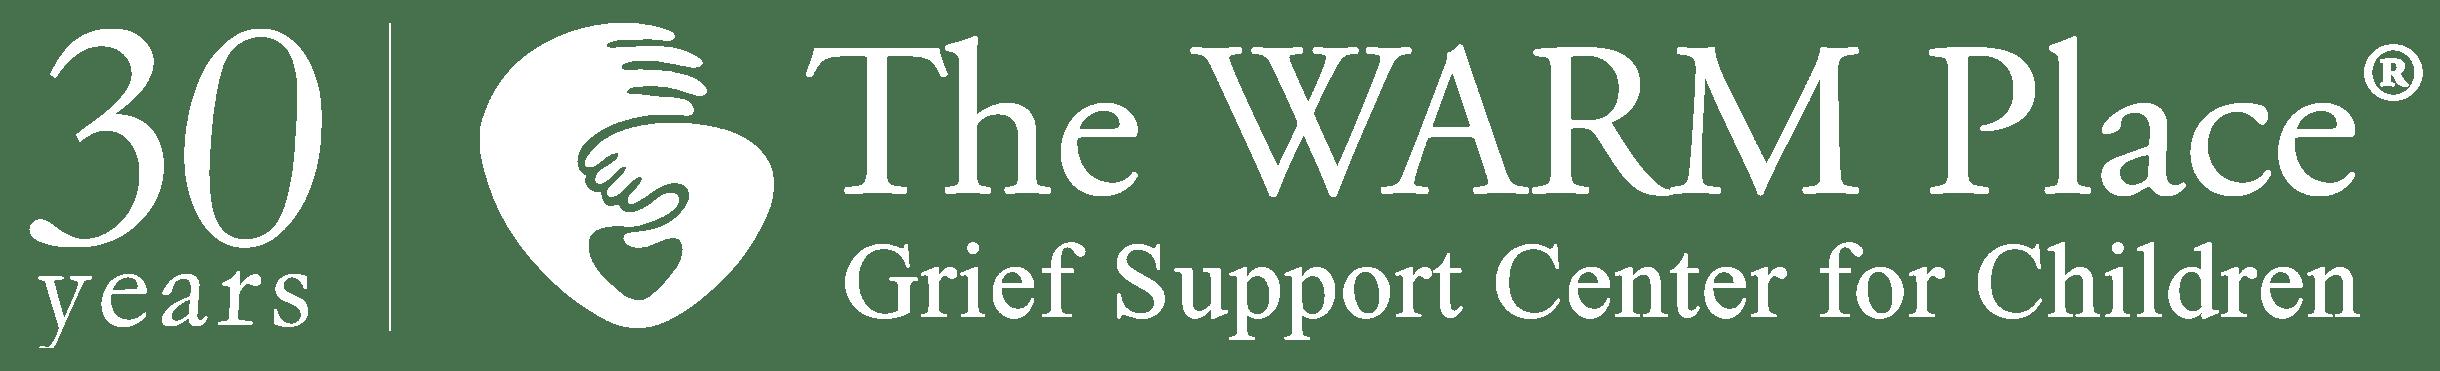 horizontal white